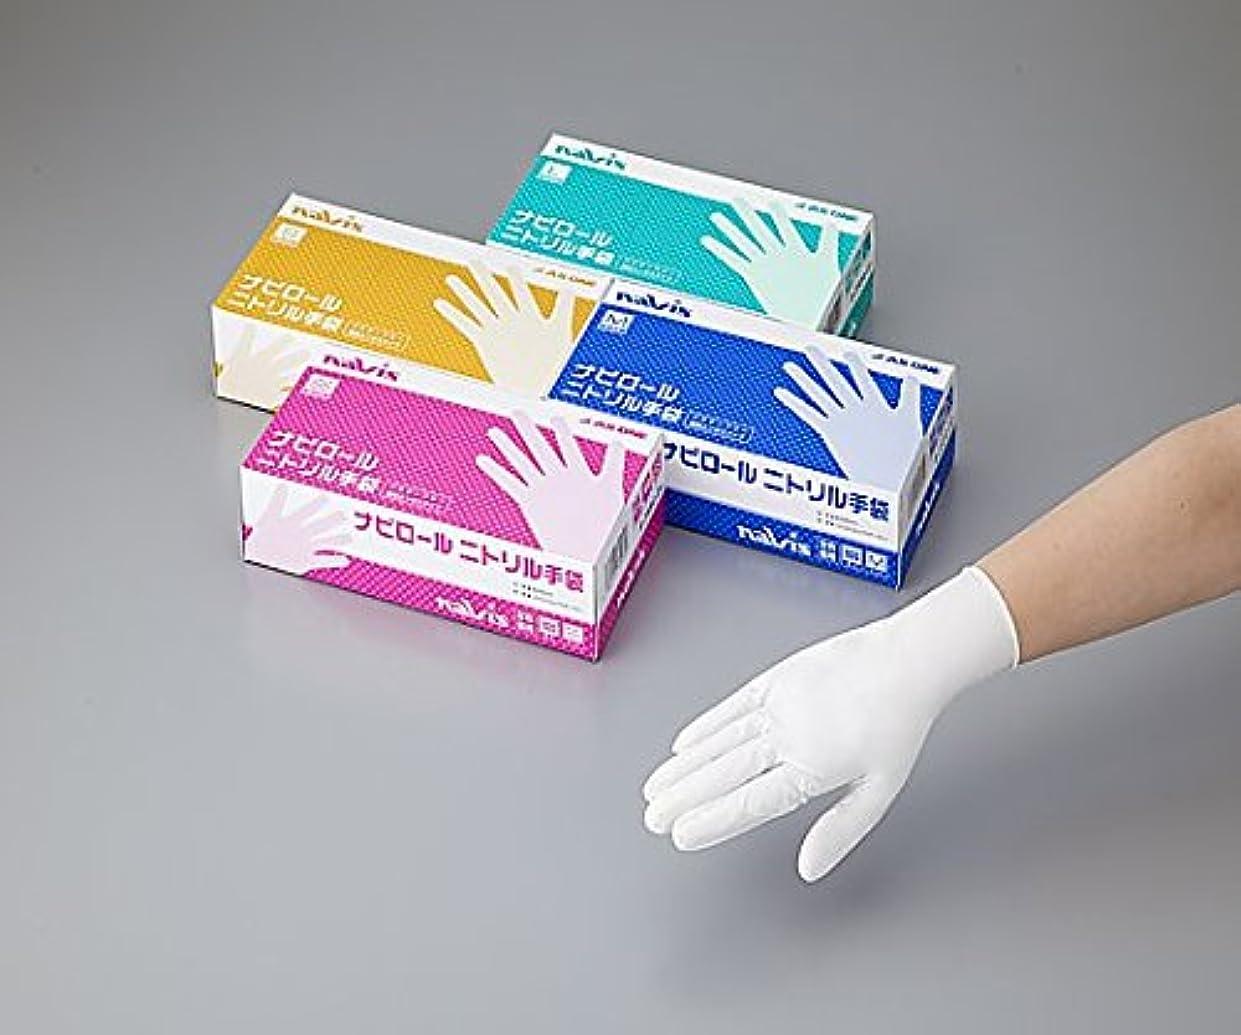 ホーム航空機スカウトナビス(アズワン)8-2584-03ナビロールニトリル手袋ホワイトS